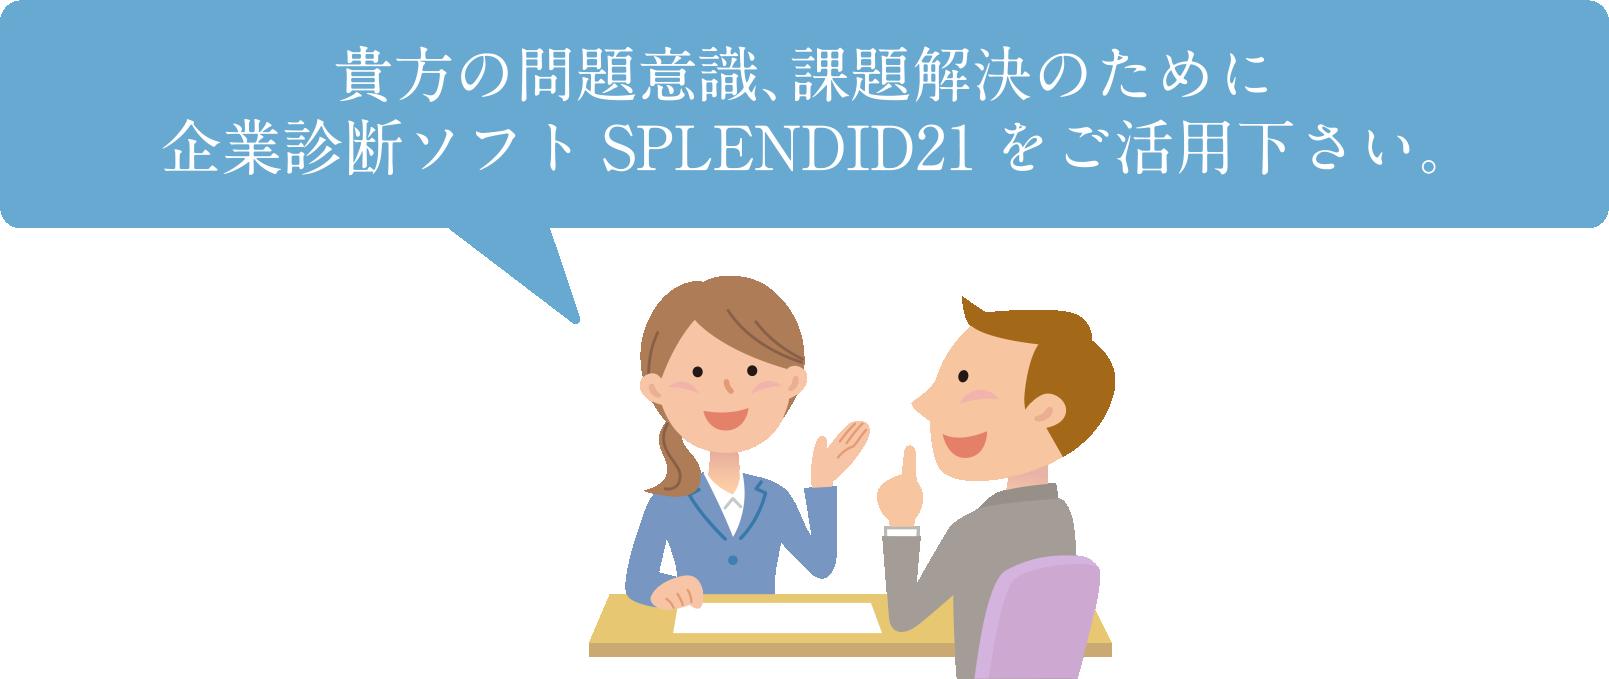 貴方の問題意識、課題解決のために企業診断ソフト SPLENDID21 をご活用ください